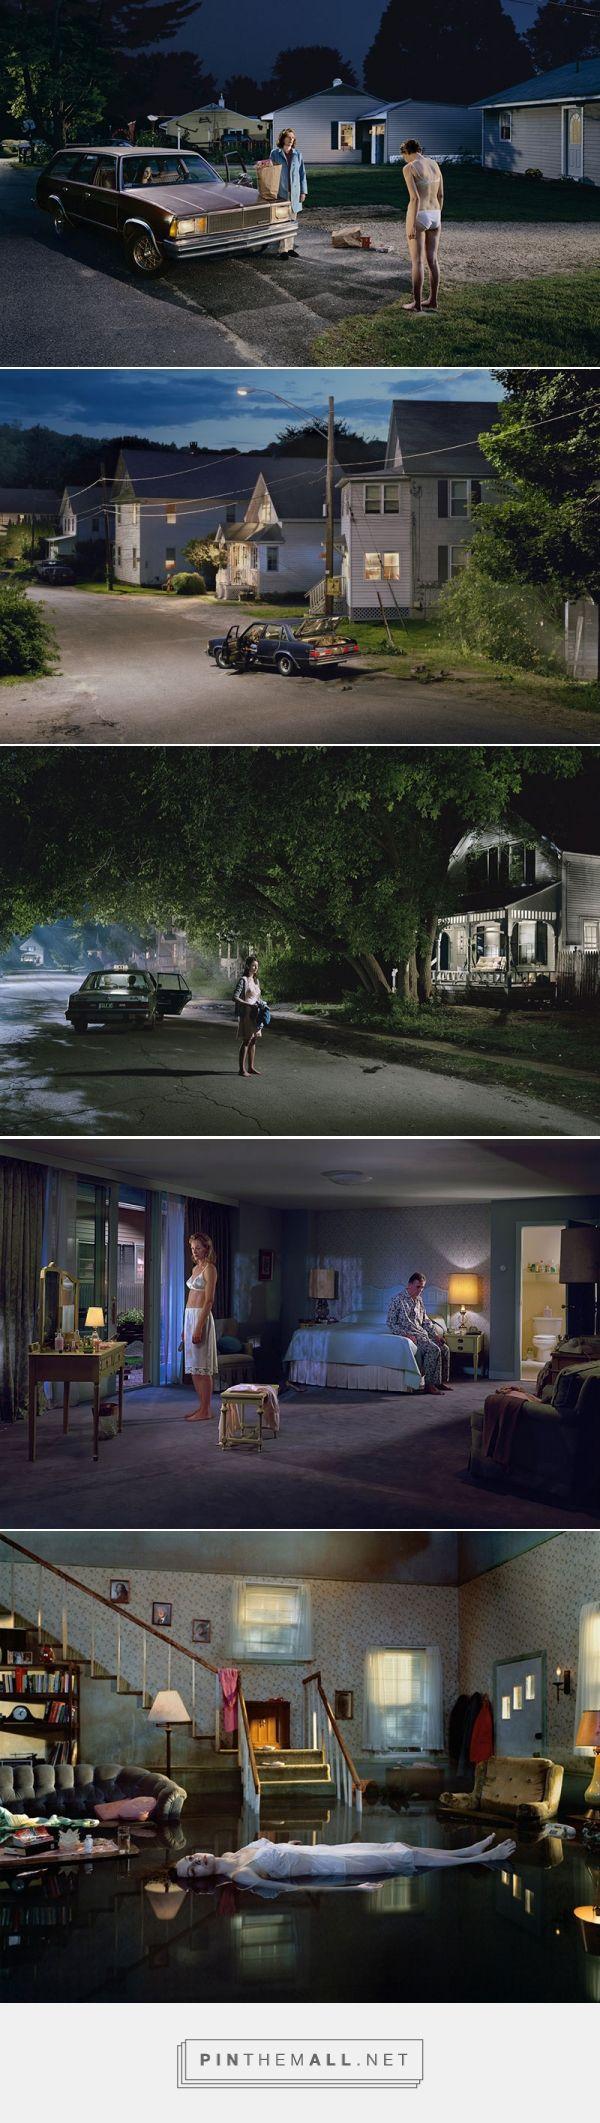 Le foto di Gregory Crewdson rappresentano scene inquietanti, apparentemente reali che sconfinano inesorabilmente nella finzione cinematografica.